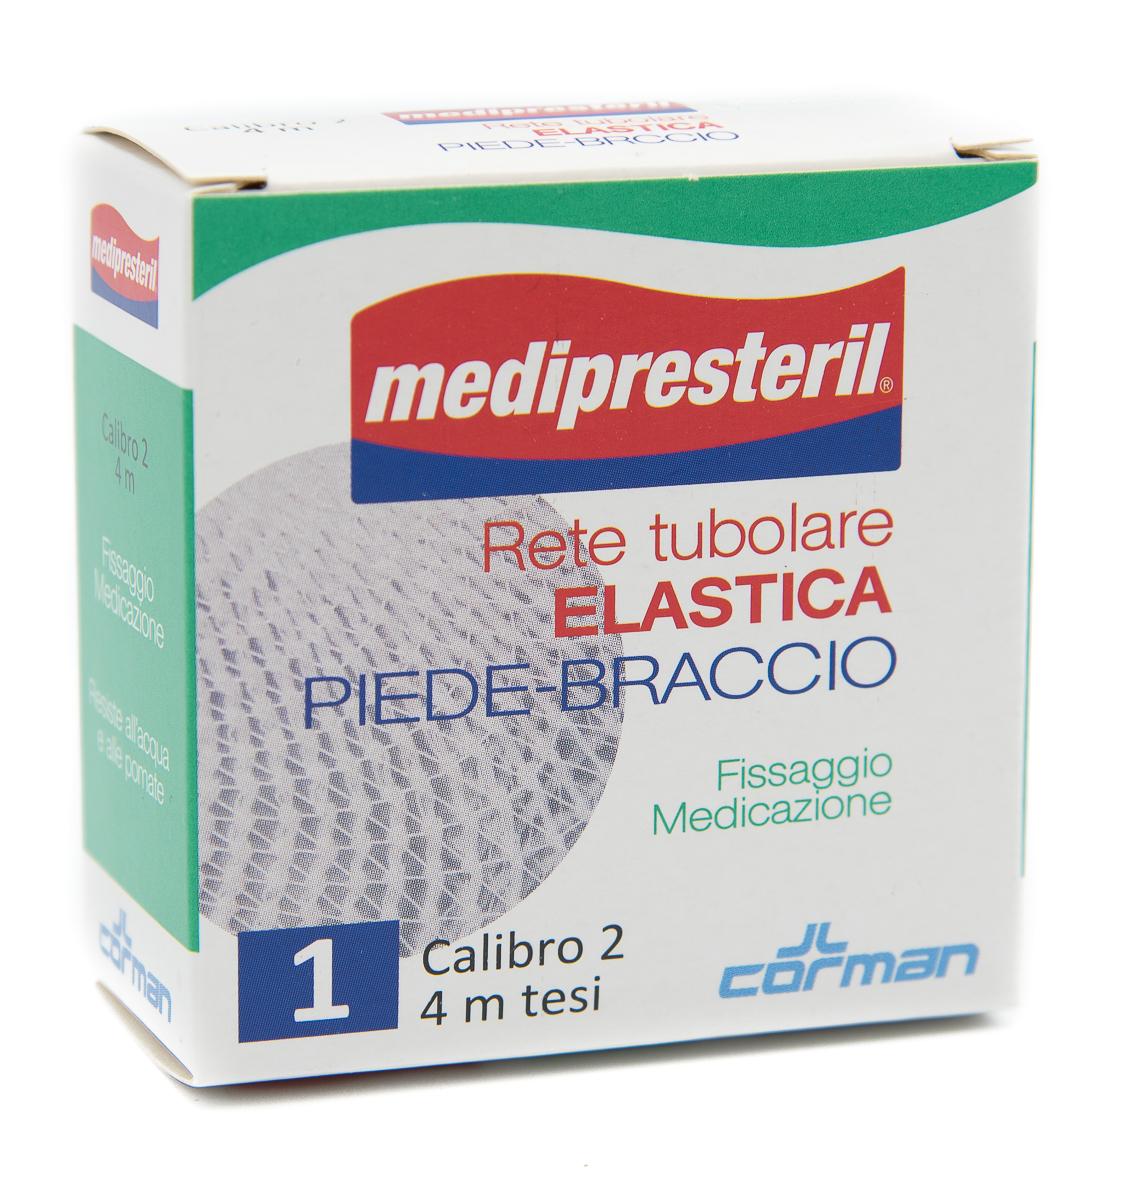 CORMAN SpA Medipresteril Rete Tubolare Elastica Piede Braccio Cal2 4m 1pz